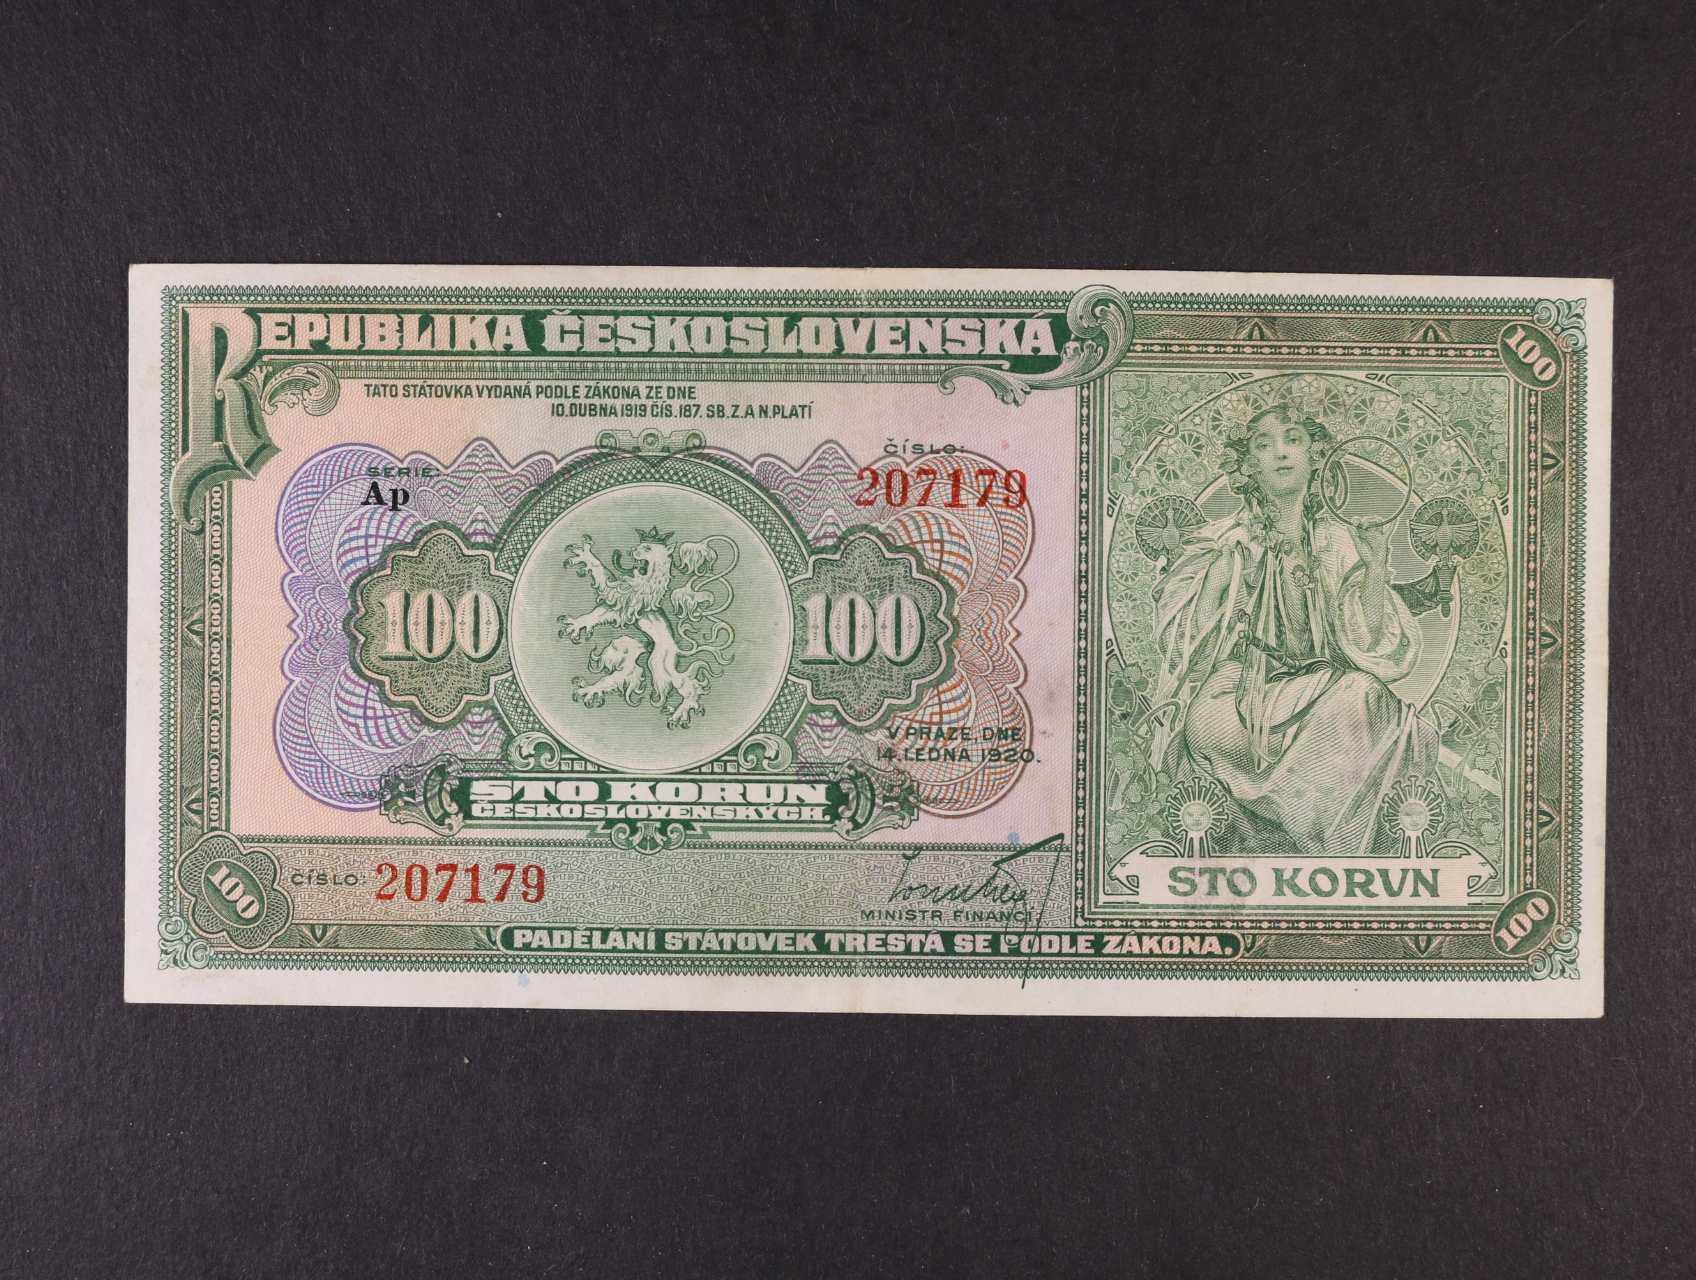 100 Kč 14.1.1920 série Ap, Ba. 16b, Pi. 17a